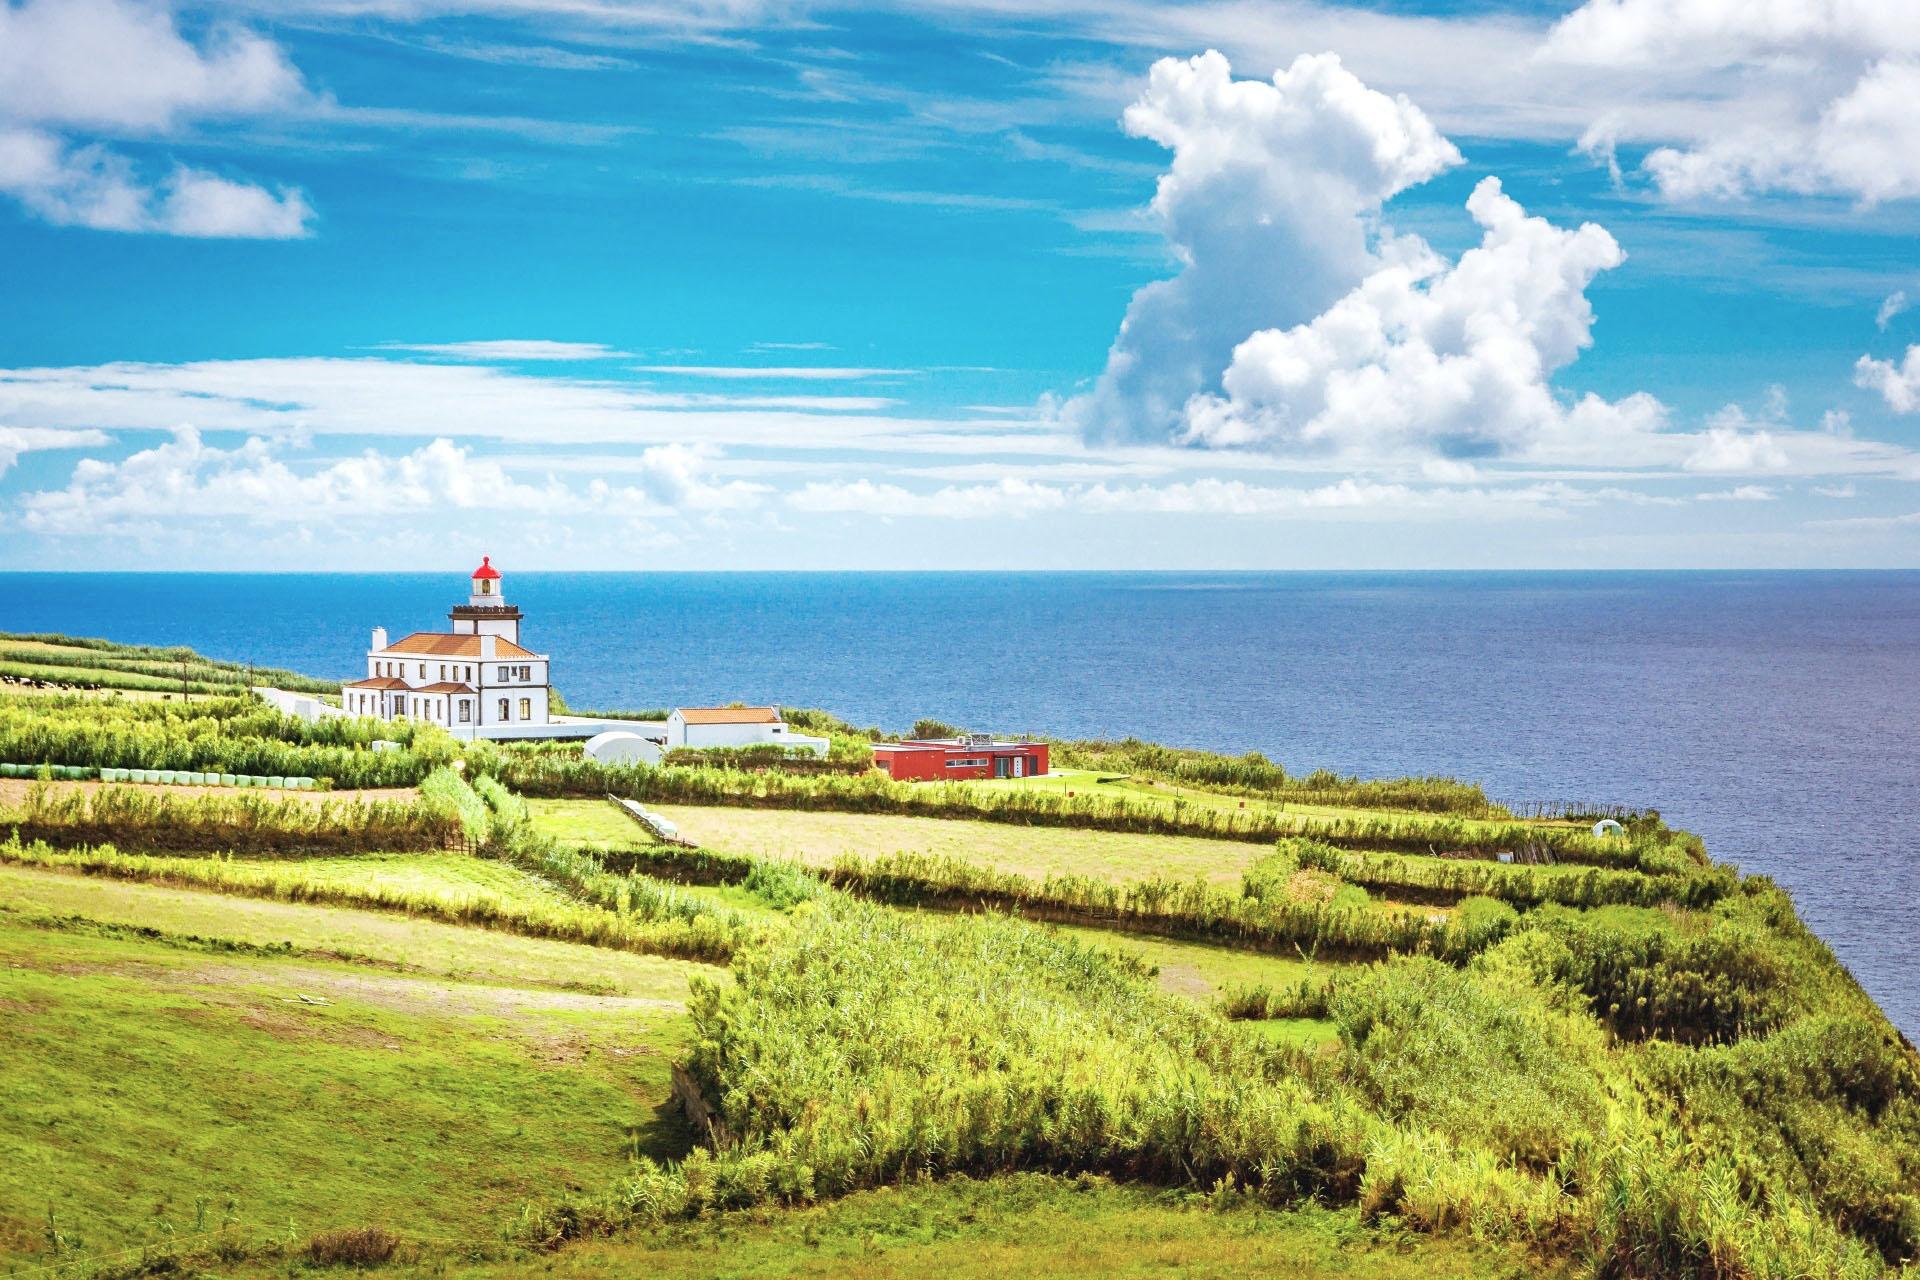 アゾレス諸島の風景 ポルトガルの風景